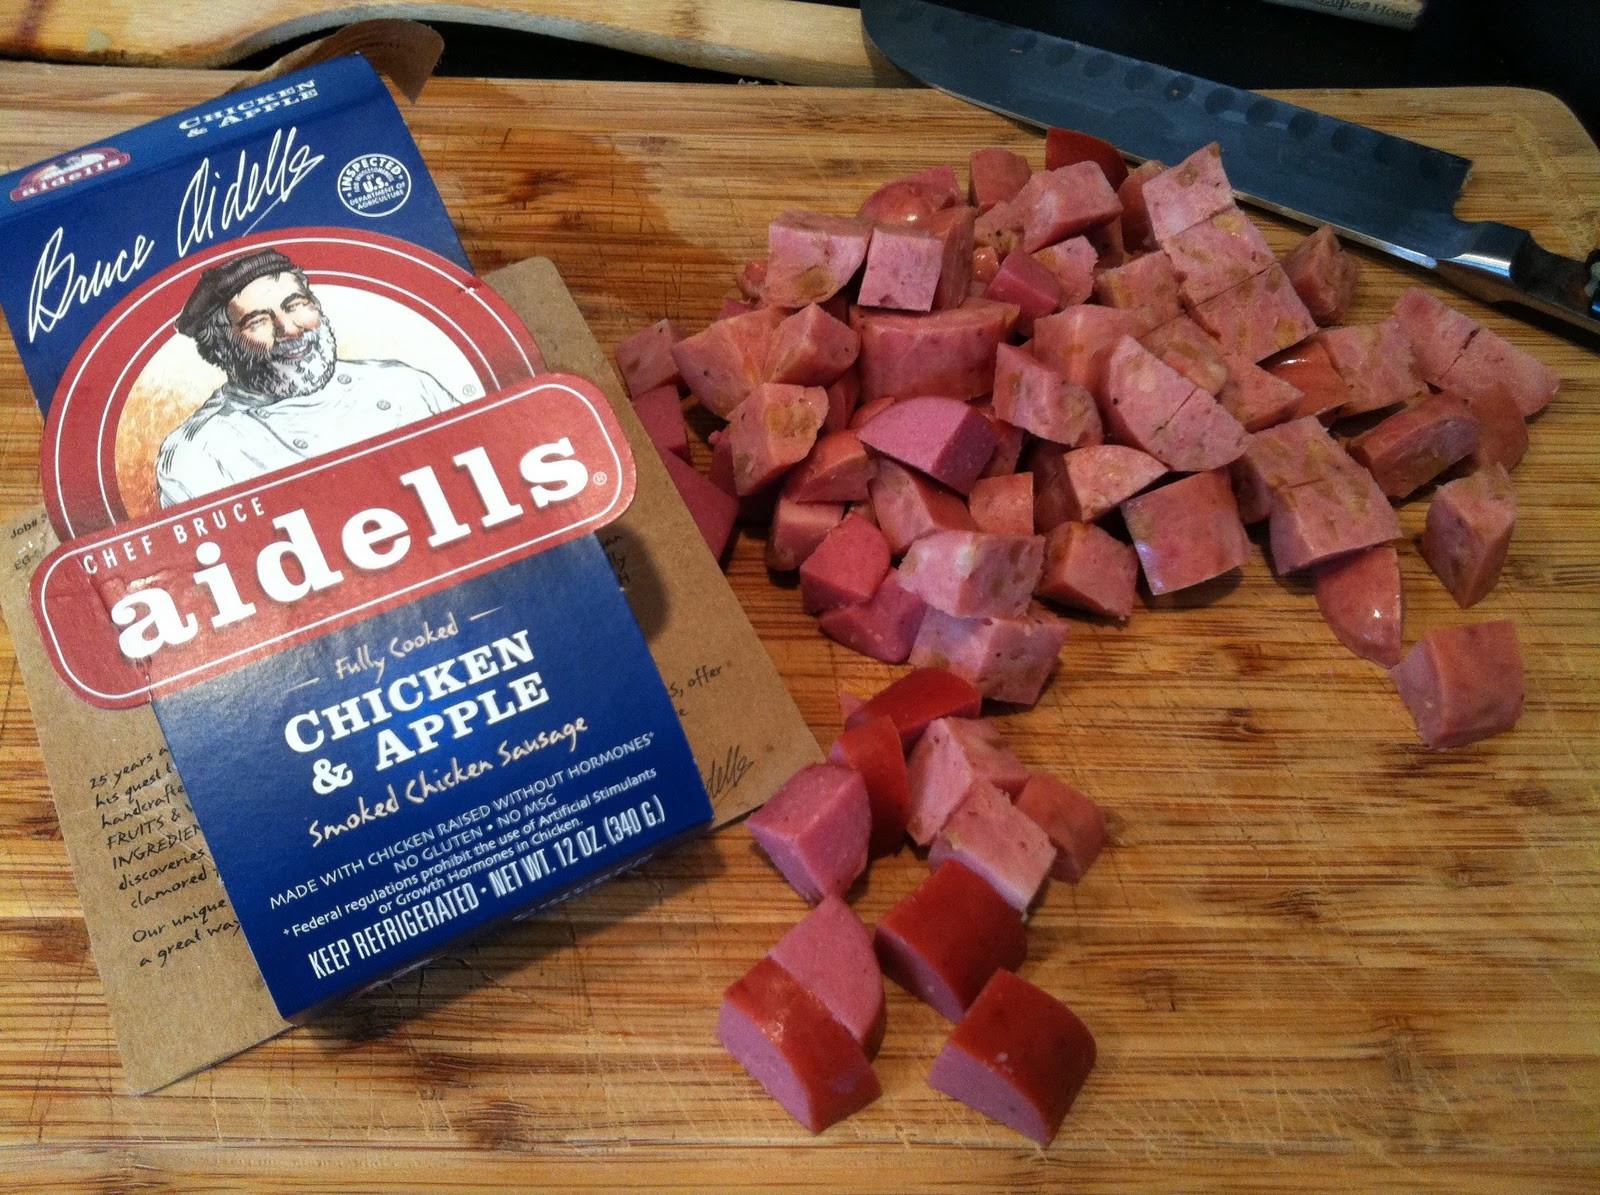 Aidells Chicken Apple Sausage  DishStack Mmm Mmm Good